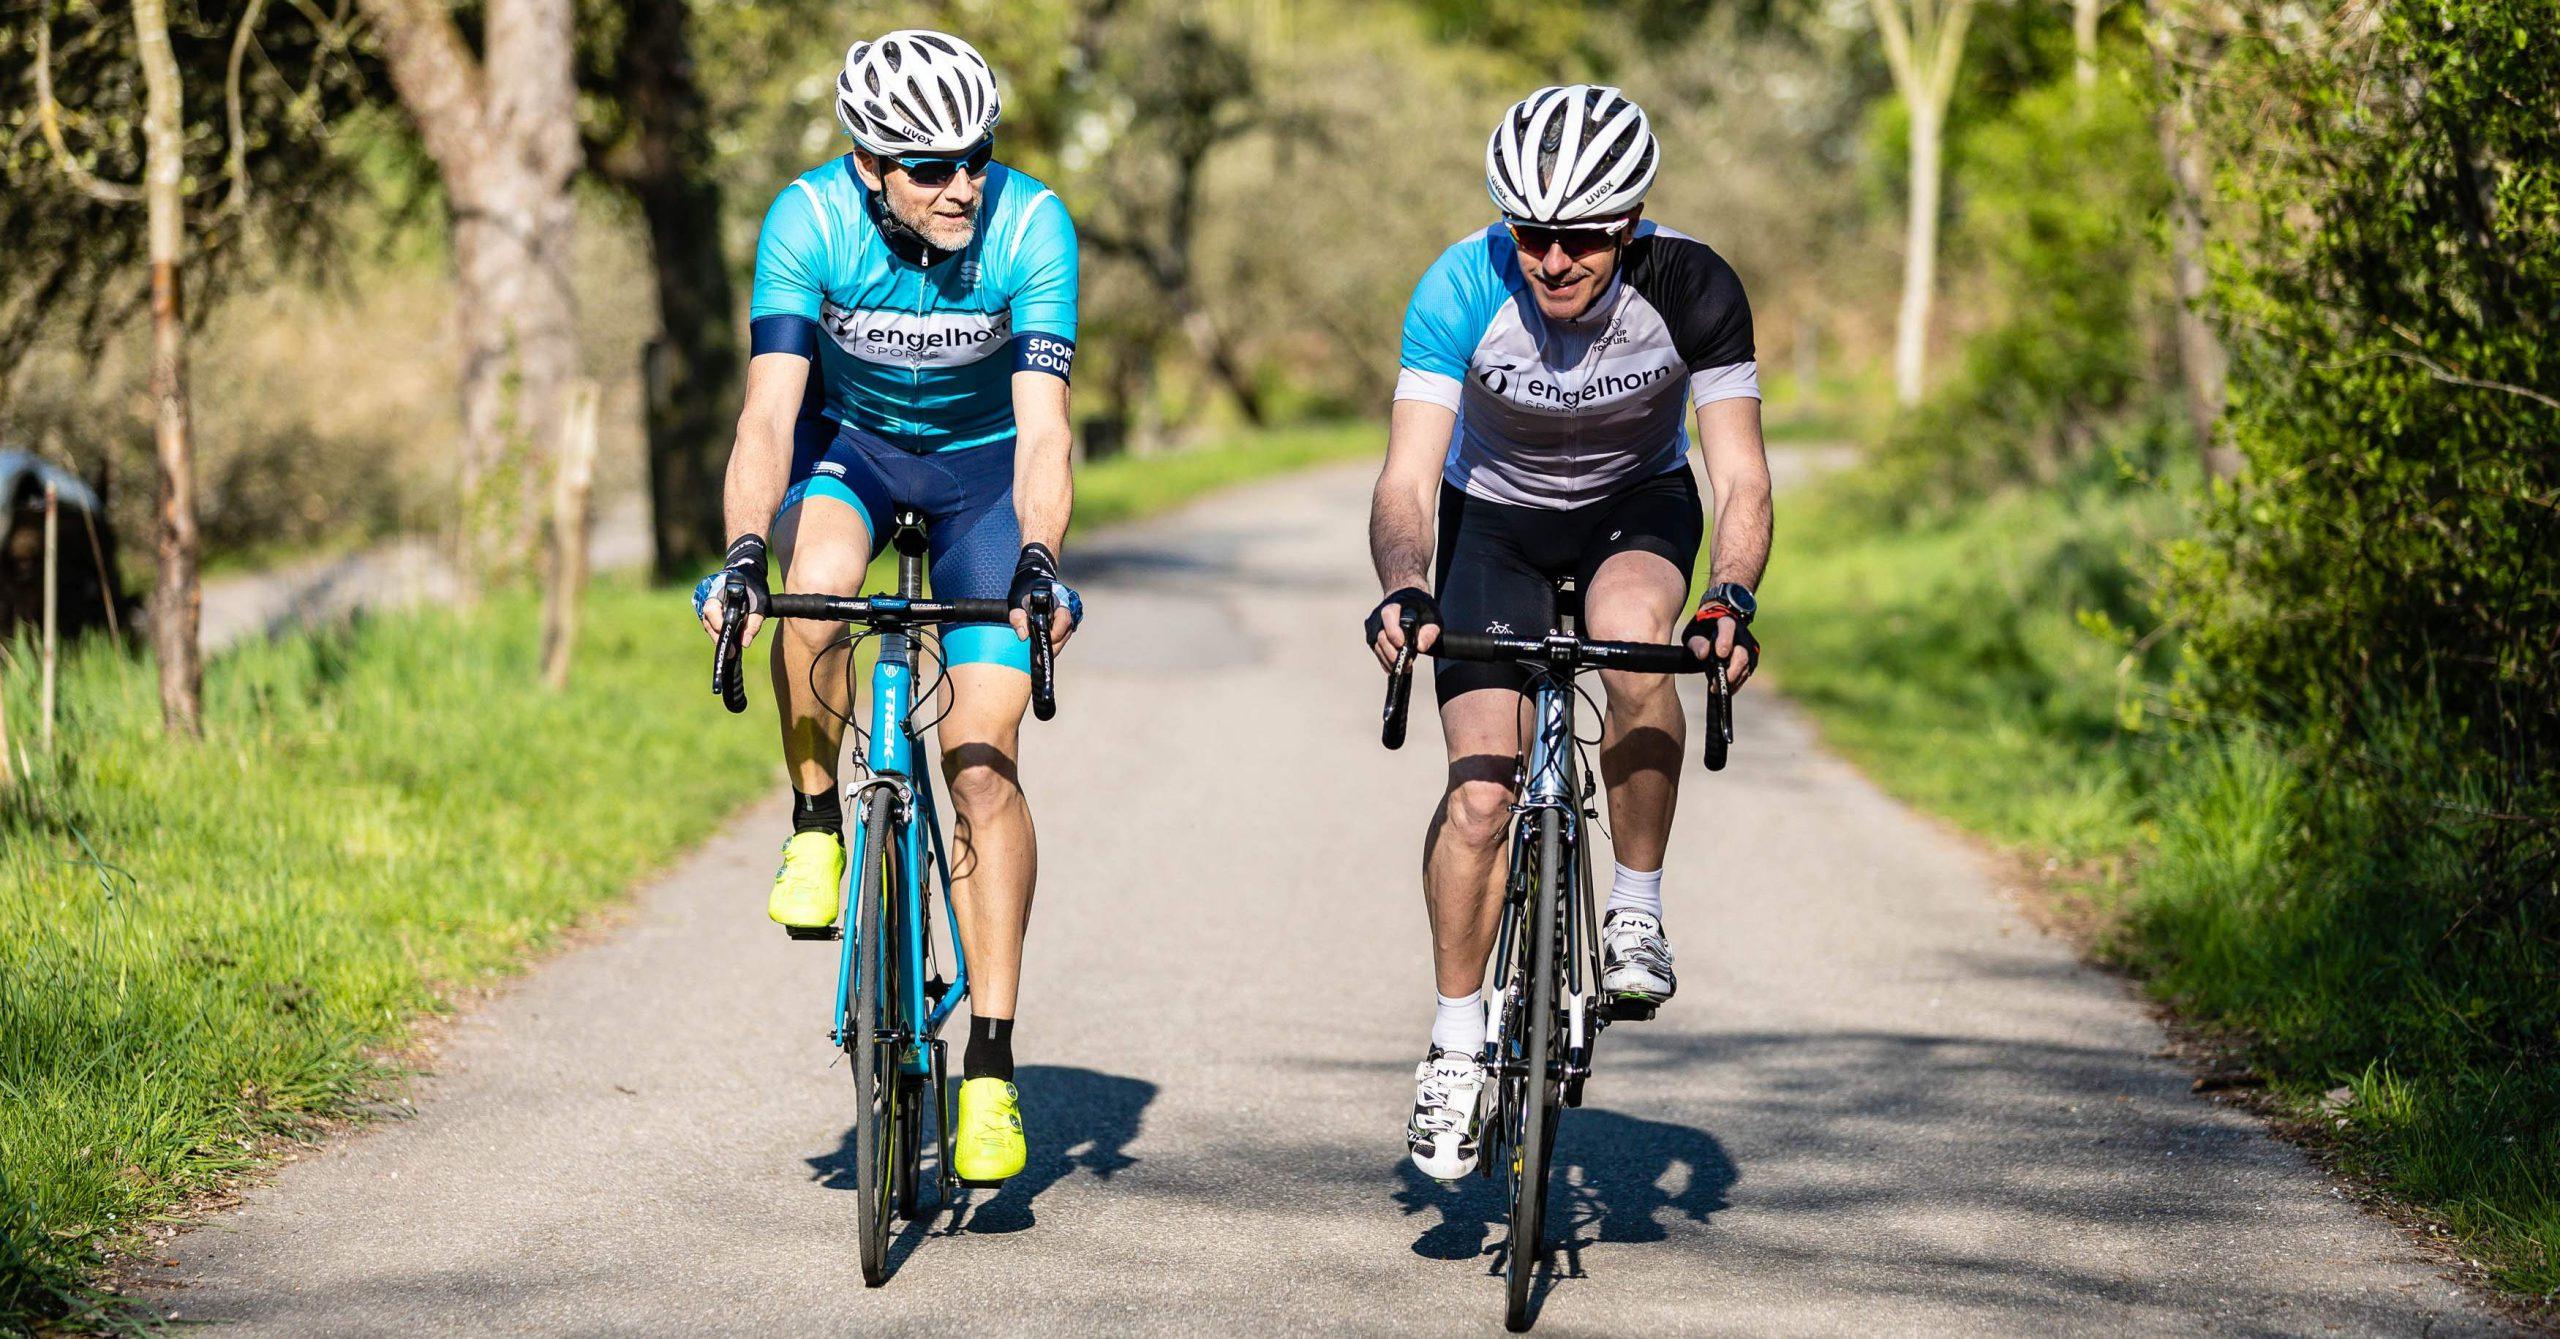 Ab sofort wieder jeden Dienstag: Die engelhorn sports Bike Ausfahrt